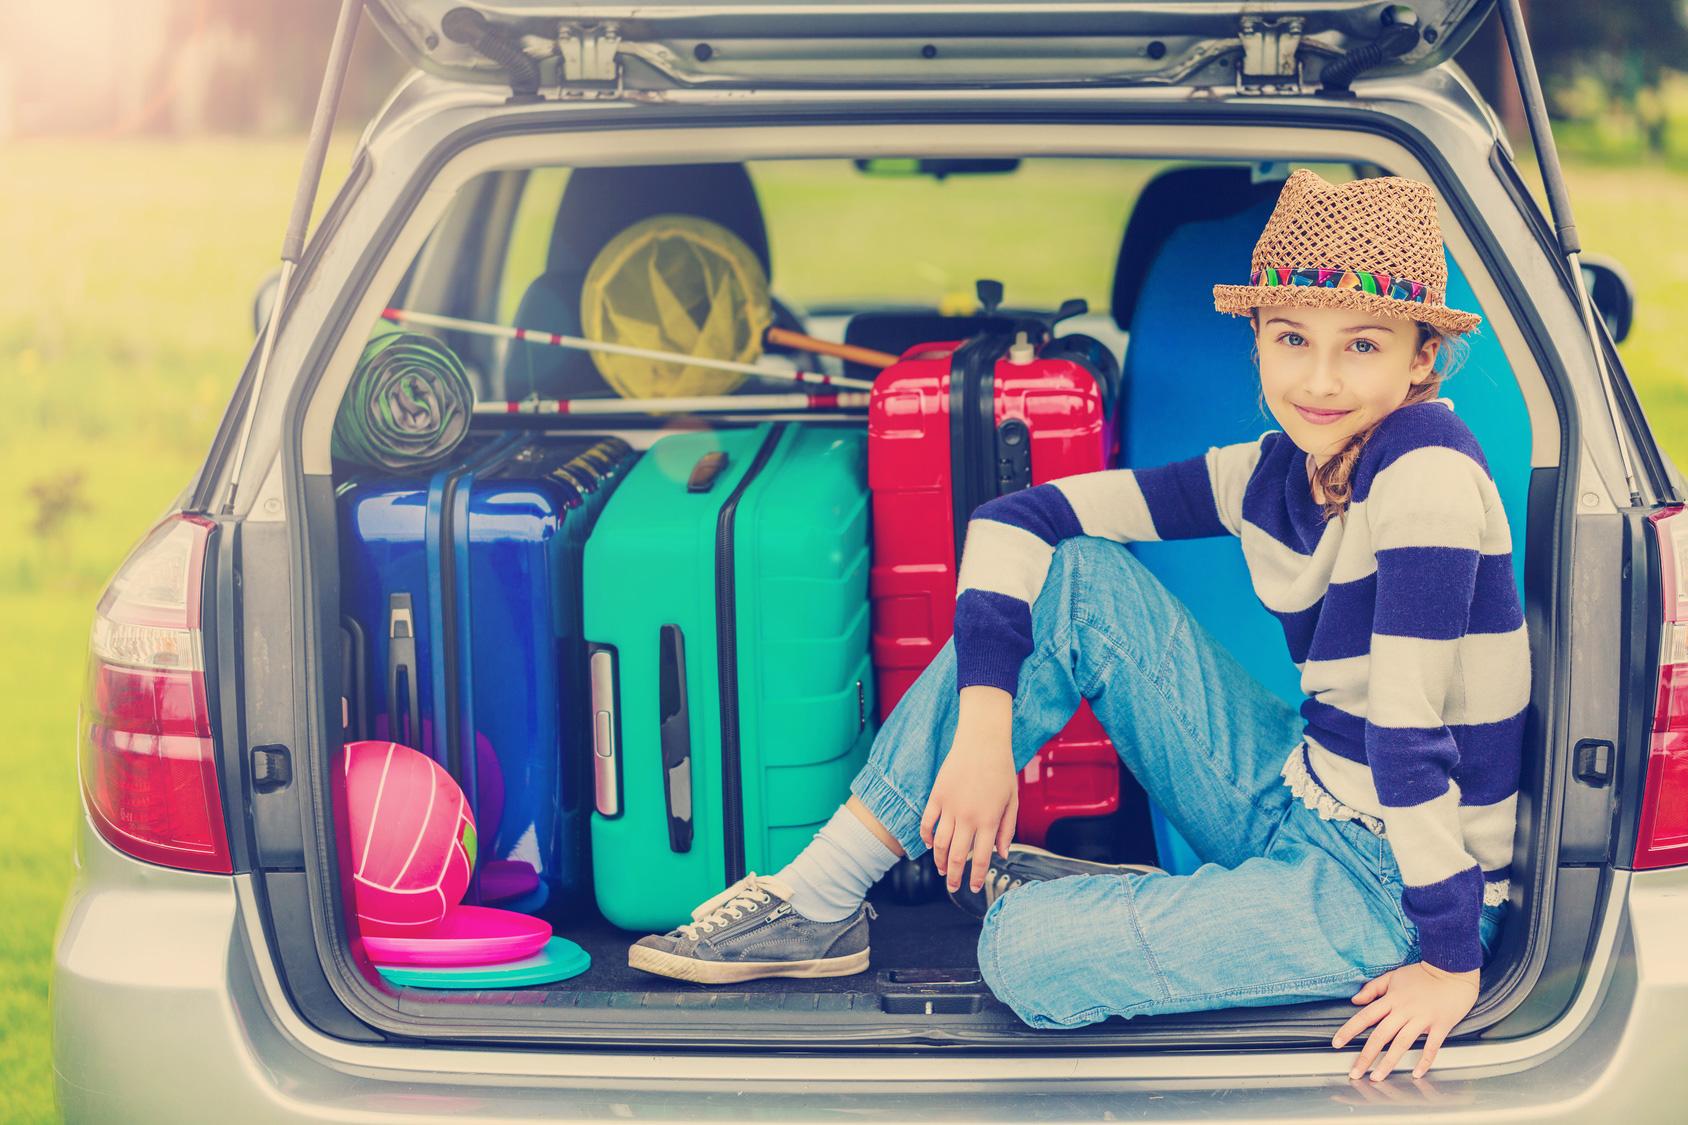 Vor allem für Familienurlaube ist das Auto gut geeignet, denn hier existieren keine Maximalgewichte für Spielzeug und Co.